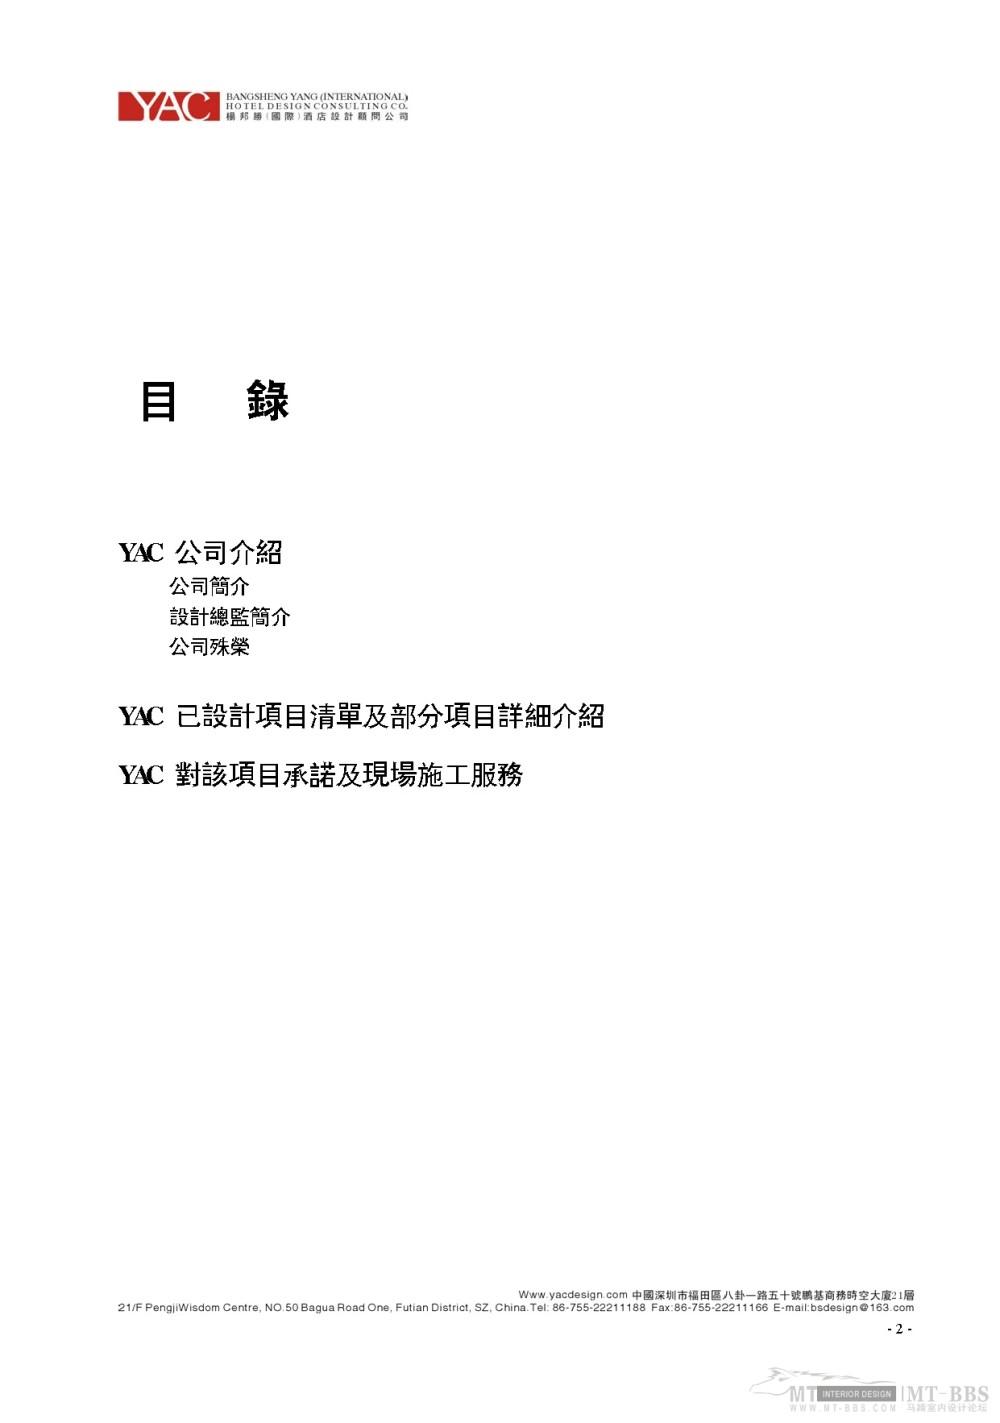 杨邦胜_2011.03.30YAC(国际)杨邦胜酒店设计顾问公司简介_页面_02.jpg